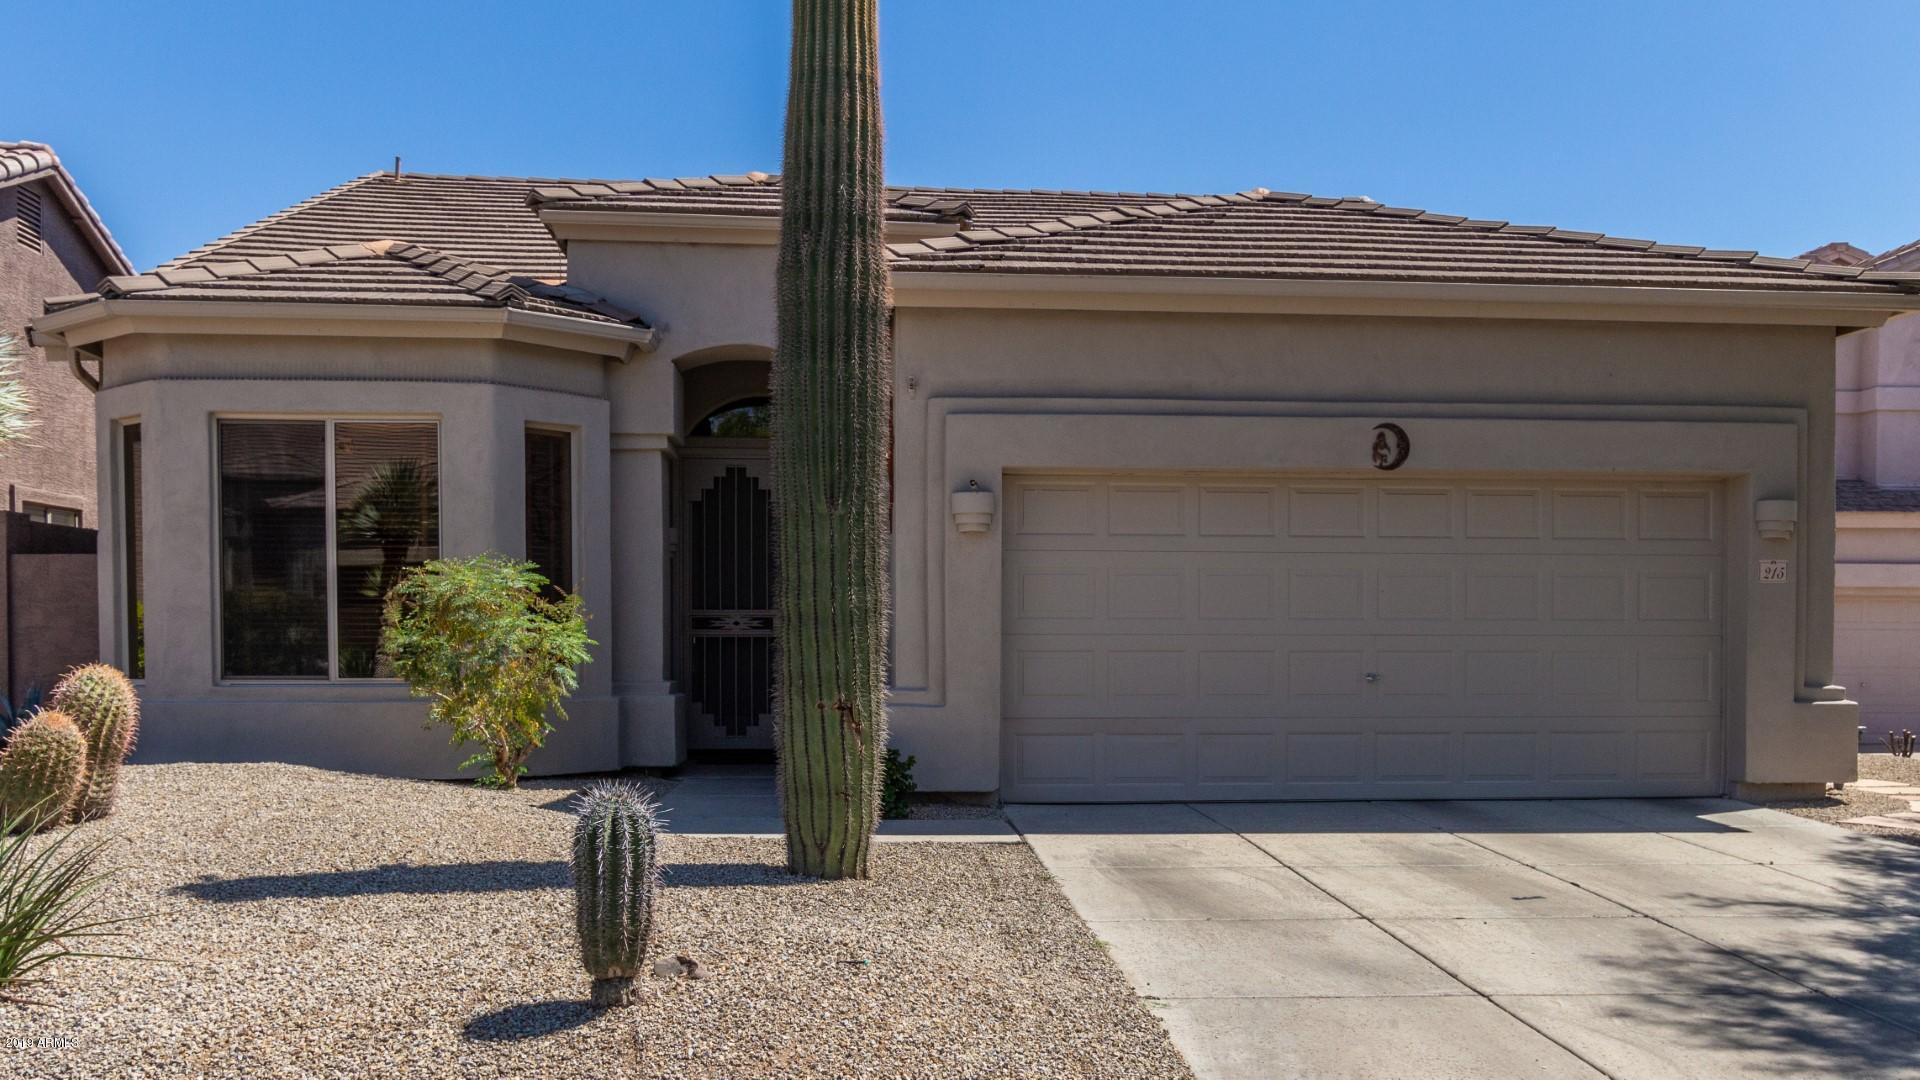 Photo of 3055 N RED MOUNTAIN -- #215, Mesa, AZ 85207